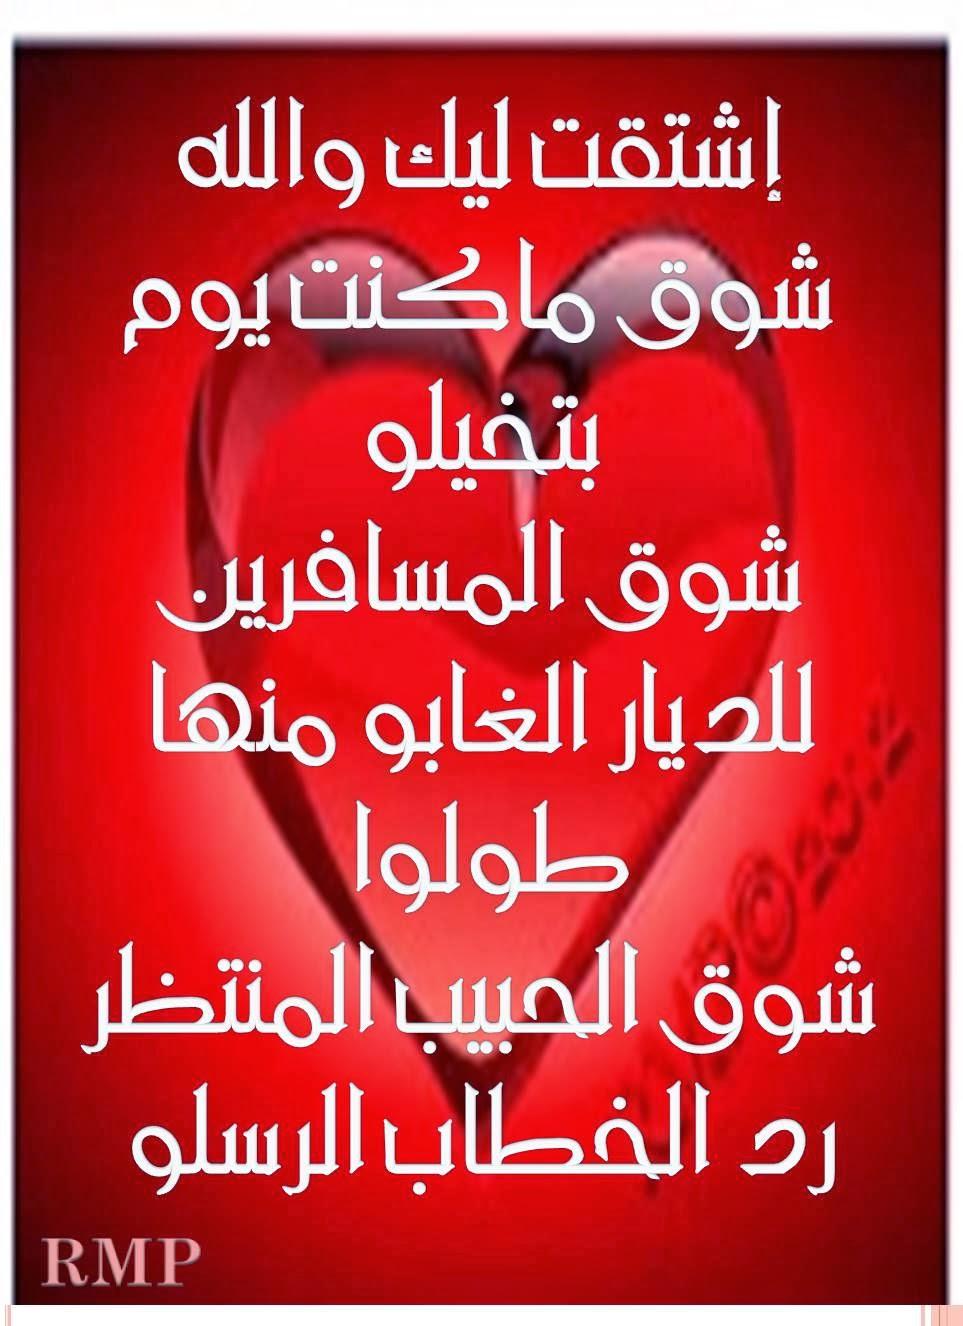 بالصور شعر رومانسى عن الحب , اجمل ما قيل فى الحب من اشعار 3265 8